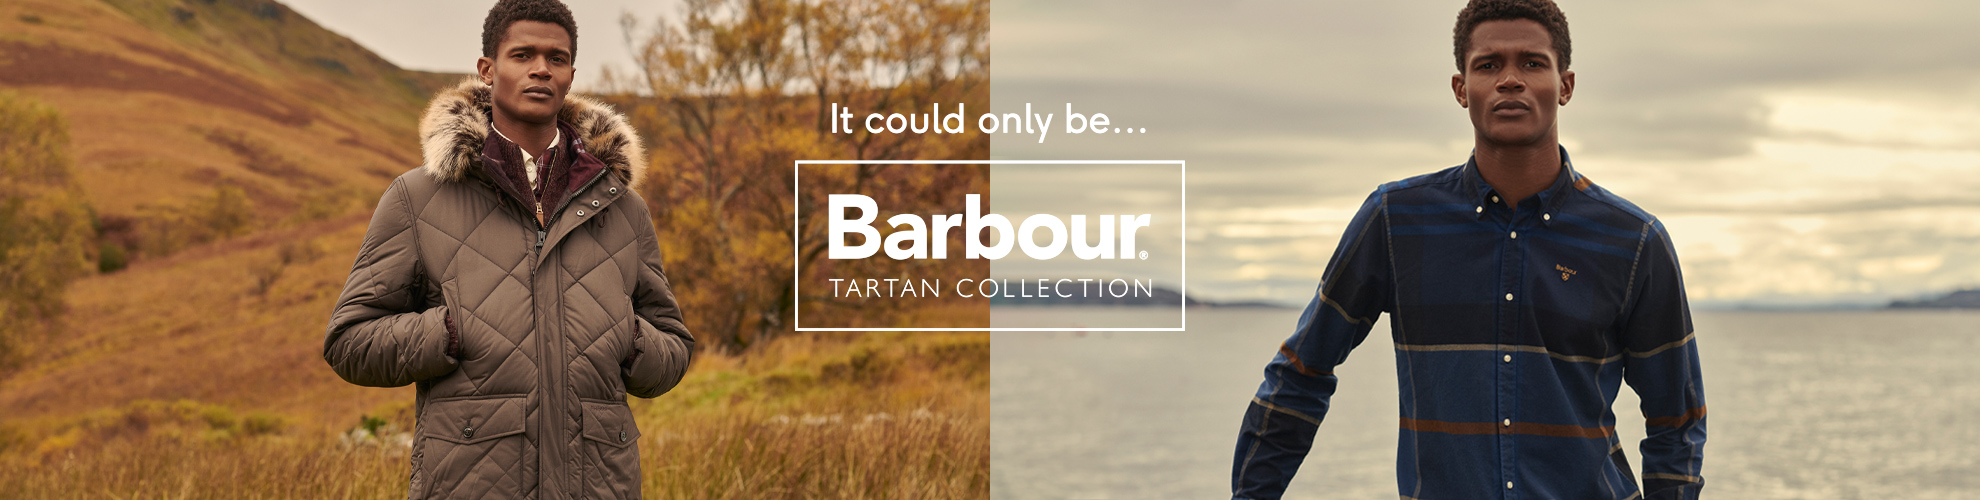 Barbour Tartan